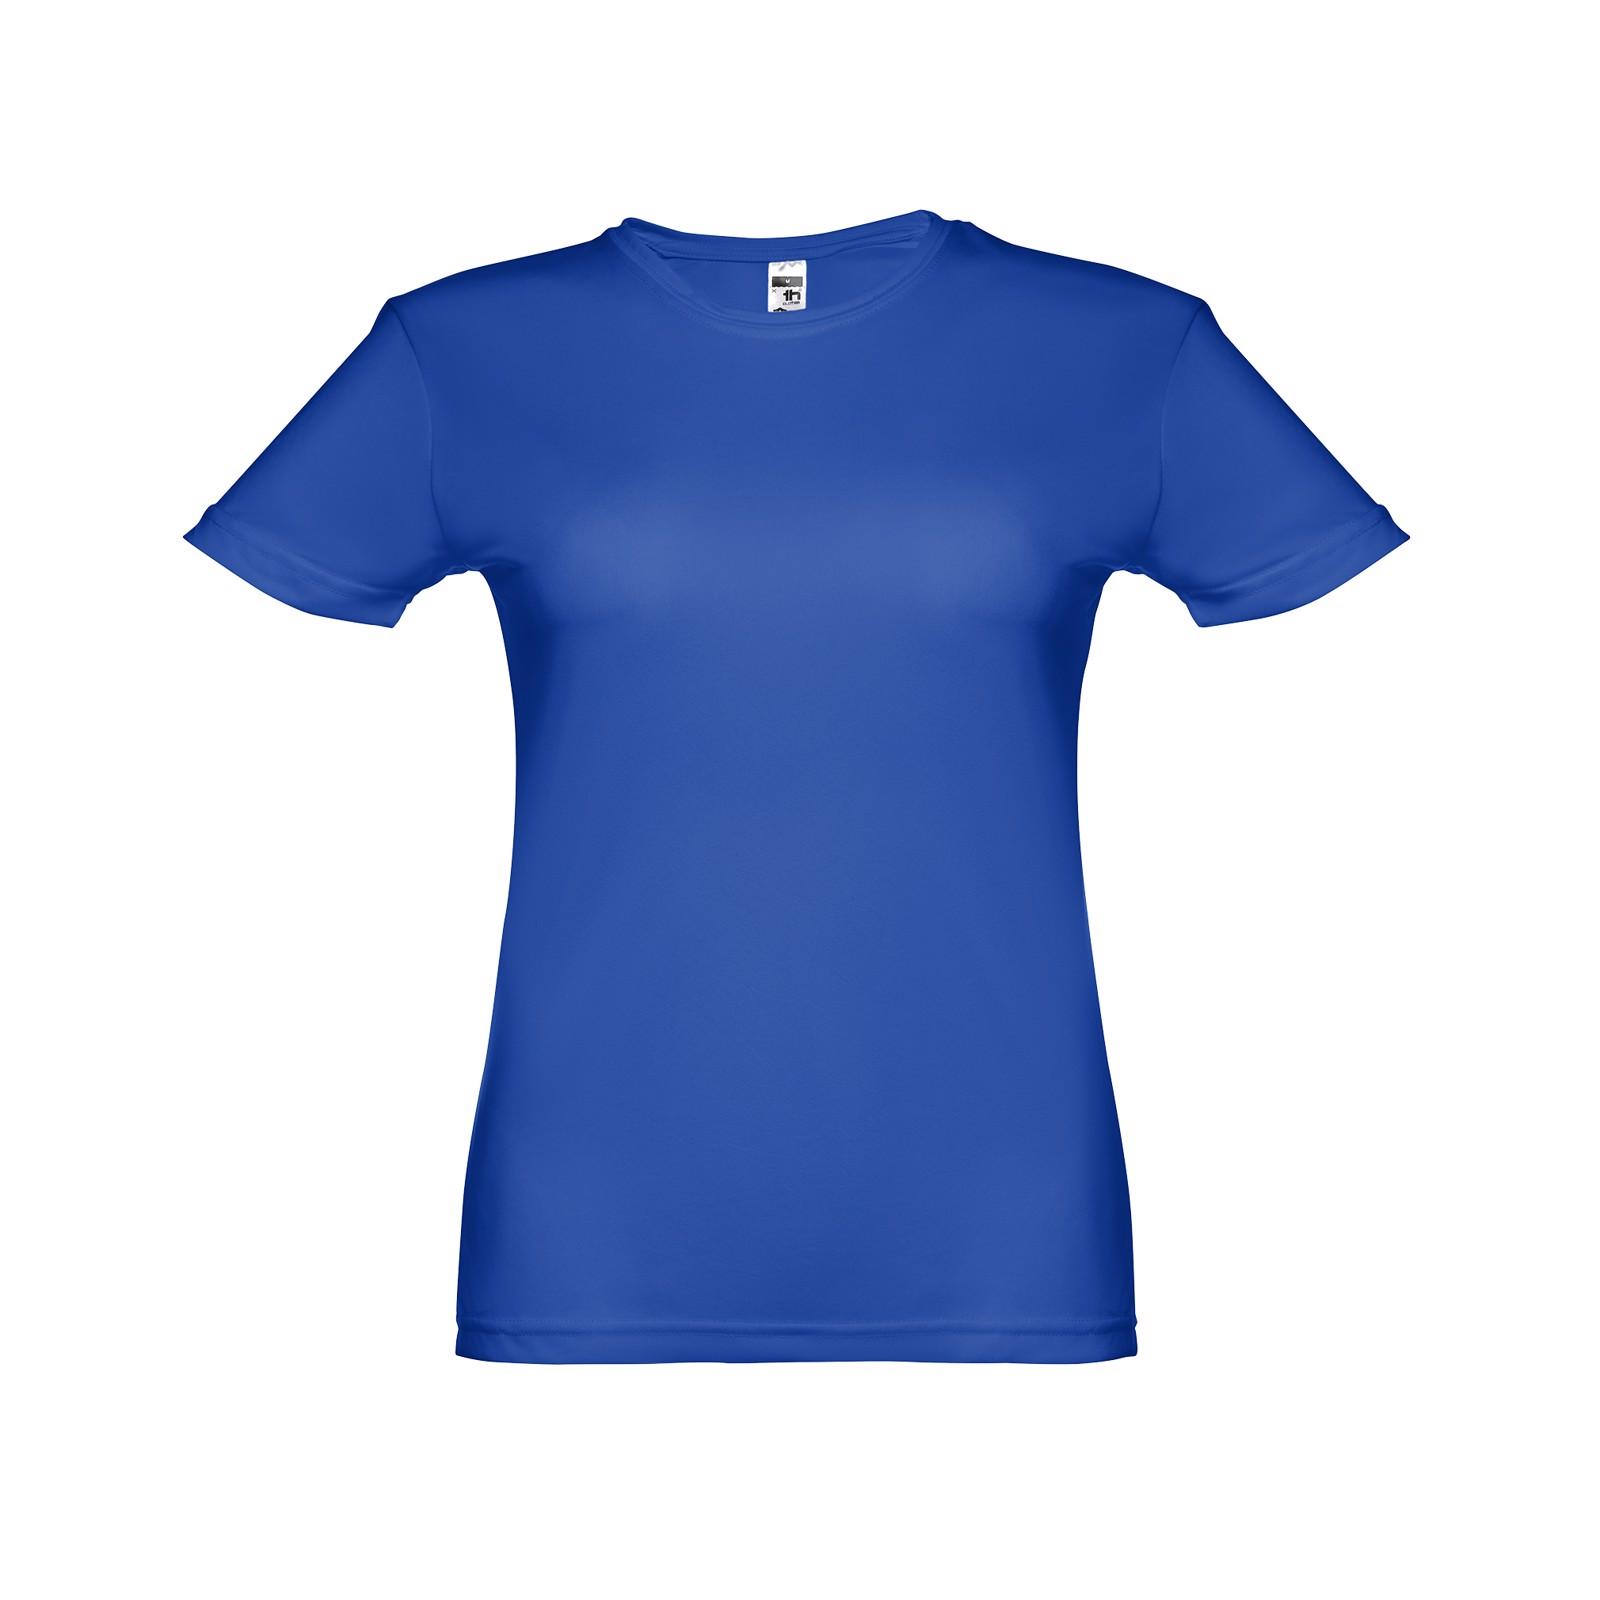 NICOSIA WOMEN. Women's sports t-shirt - Royal Blue / M